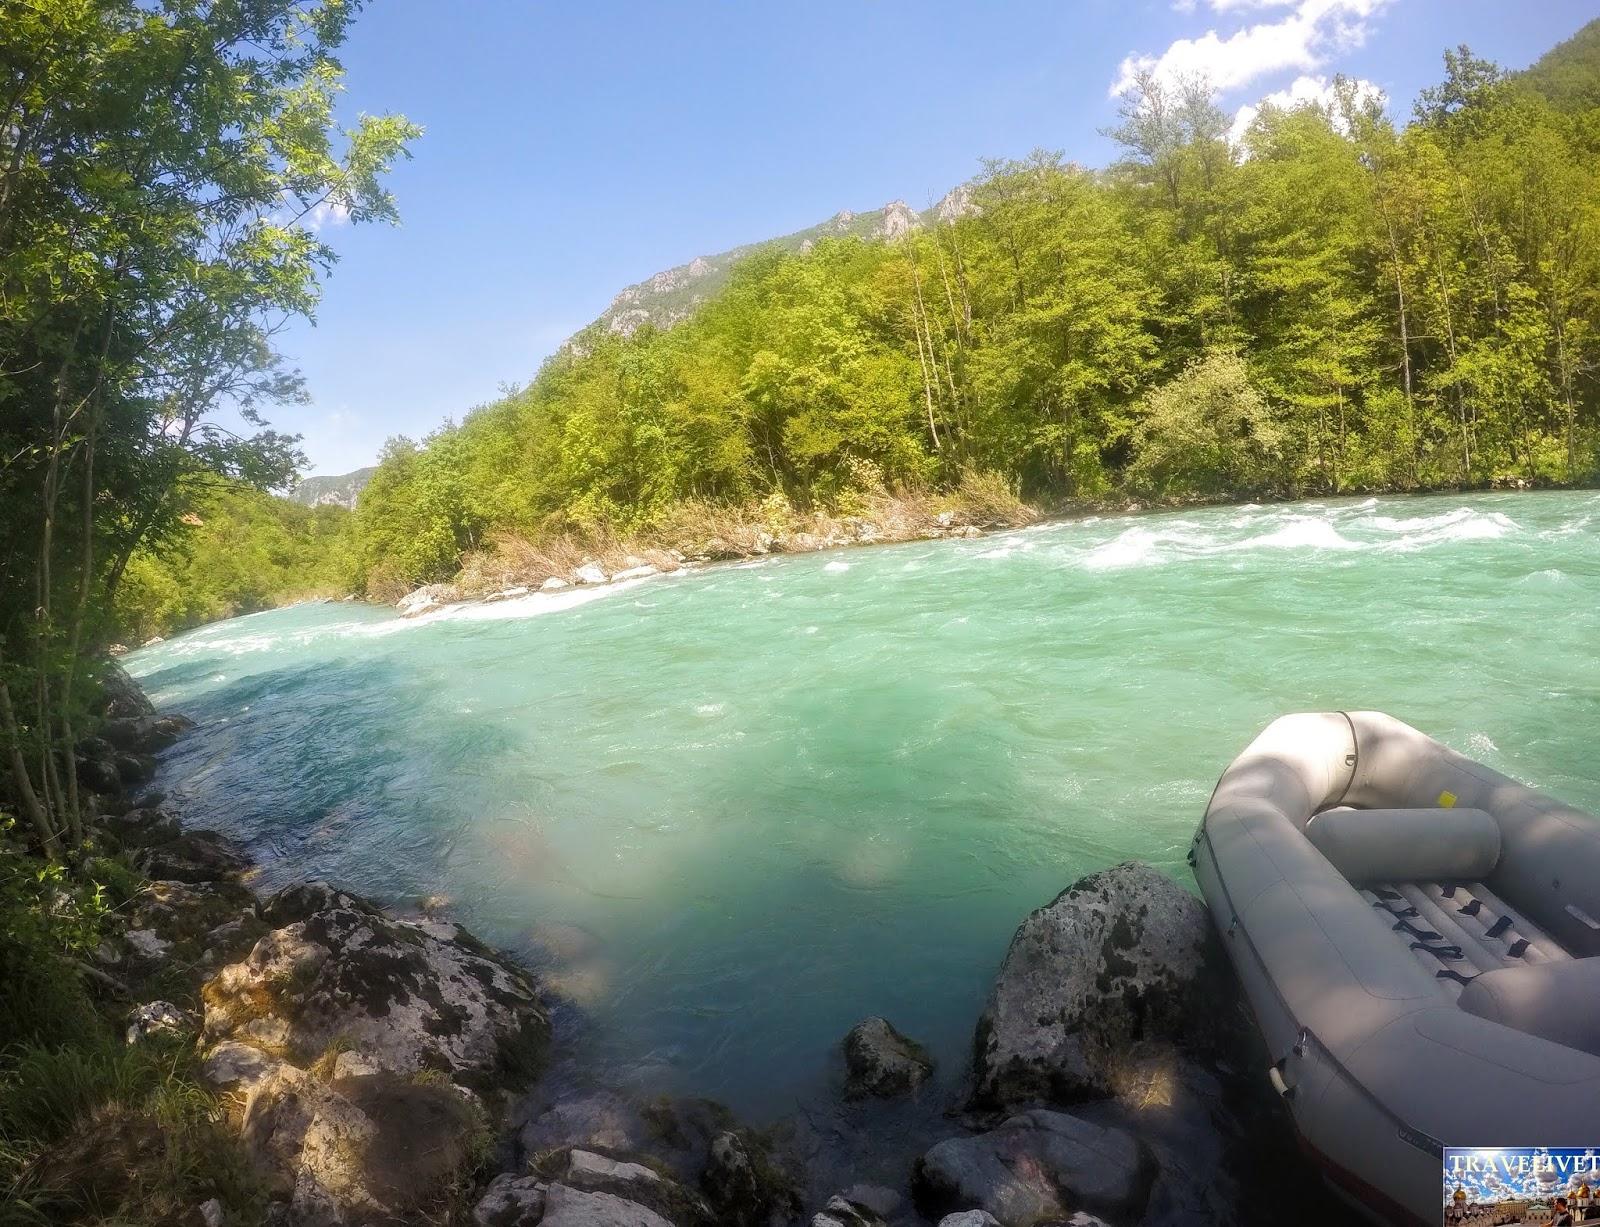 Monténégro : Rafting rivière Tapa